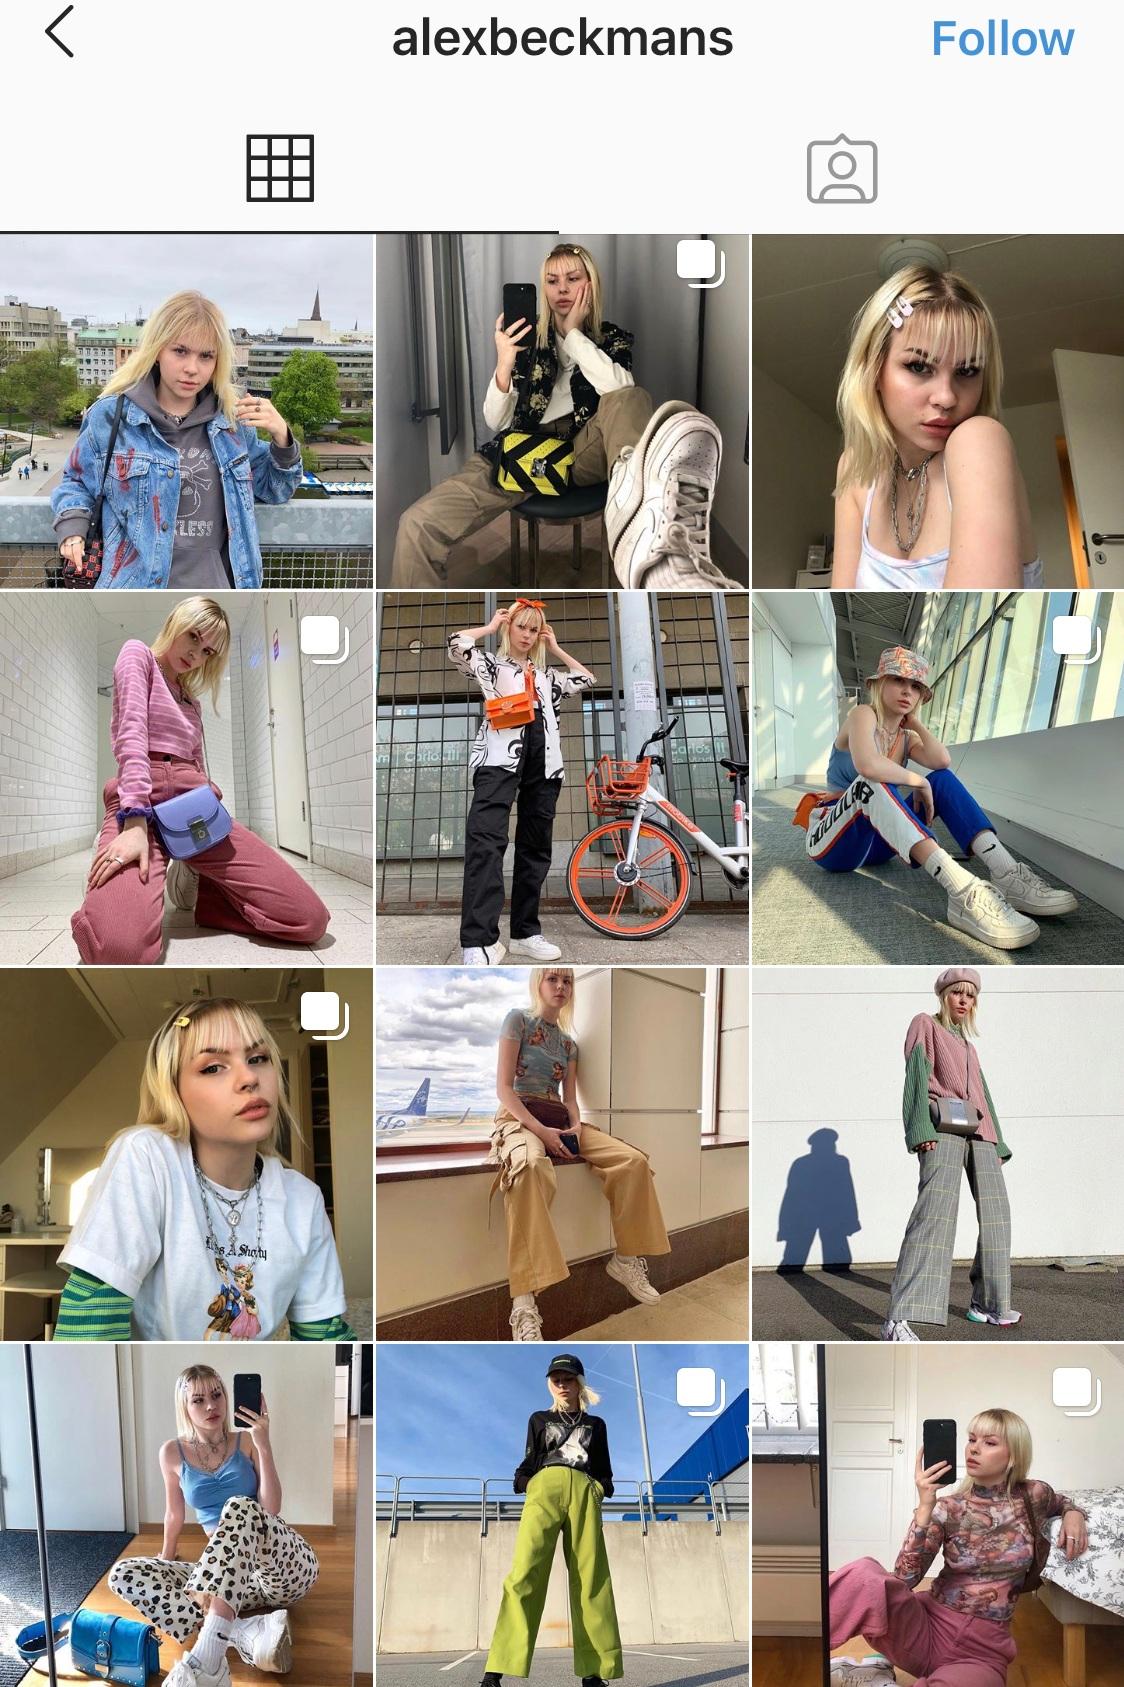 Nordic-Streetwear-Instagram-alexbeckmans.1.jpg